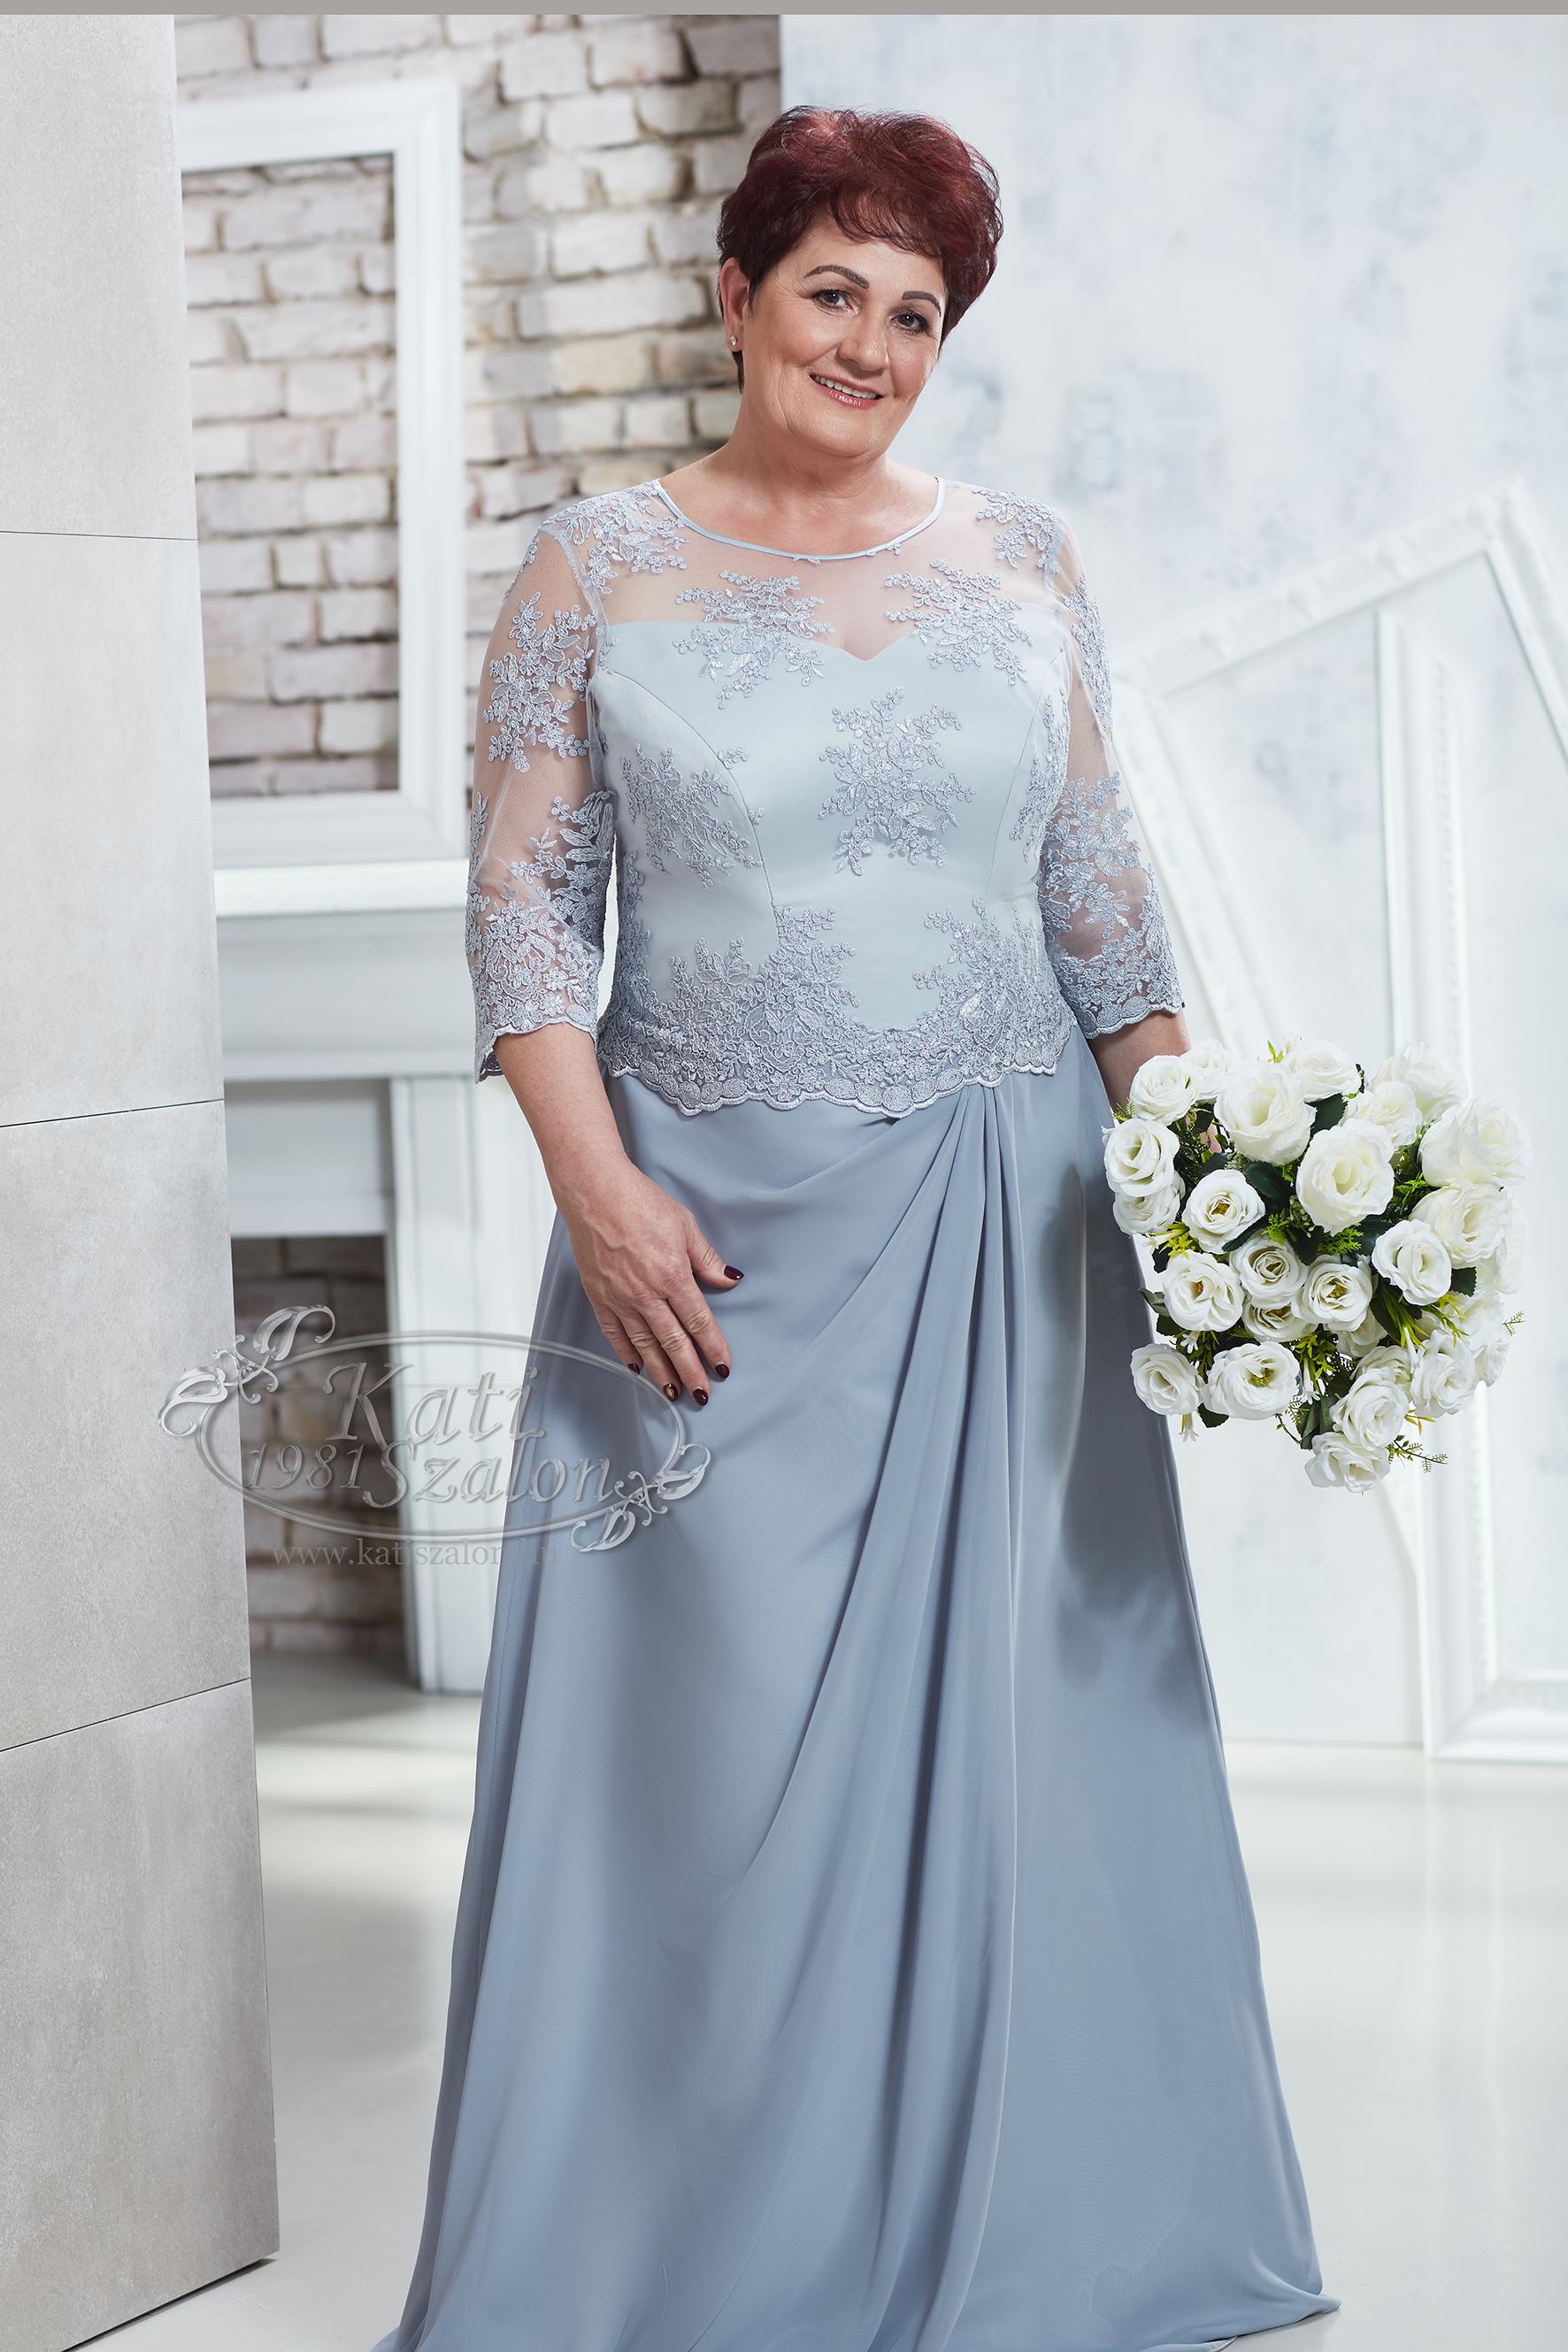 82755758fd Kati Szalon - ezüstszürke elegáns hosszú alkalmi ruha, csipke felsőrésszel,  muszlin szoknyával, polgári